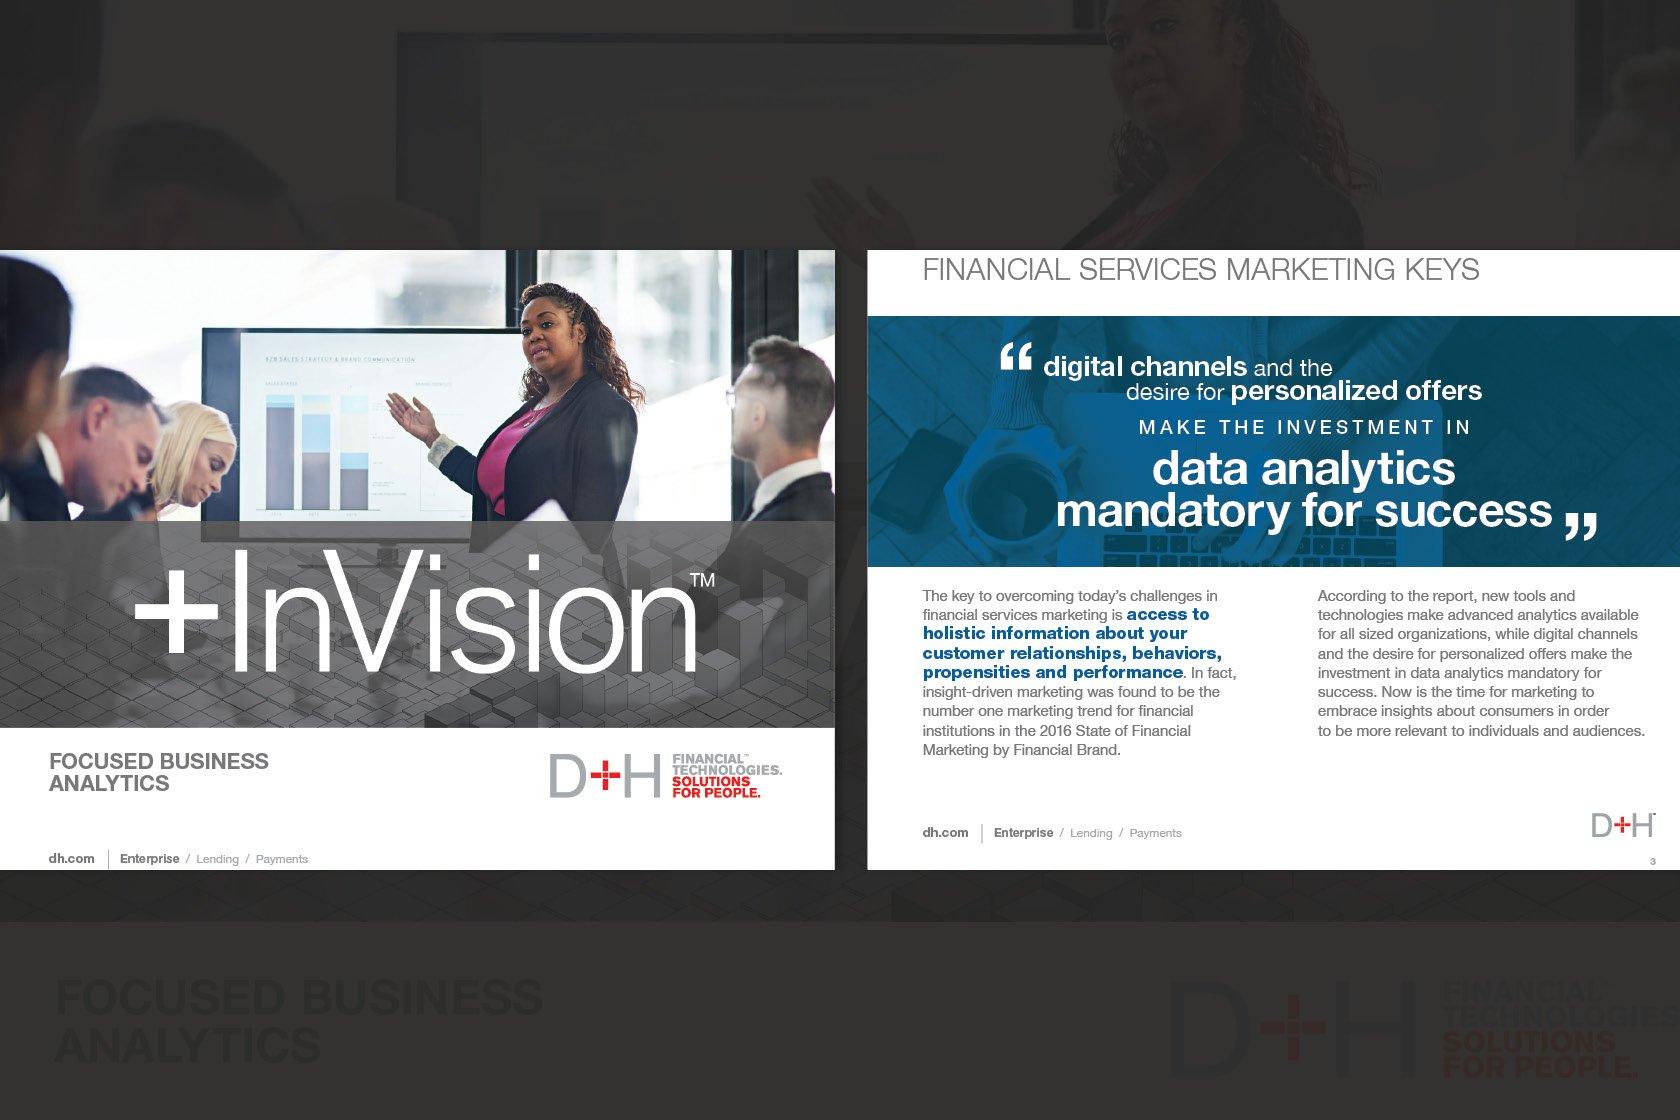 d+h invision ebook page designs